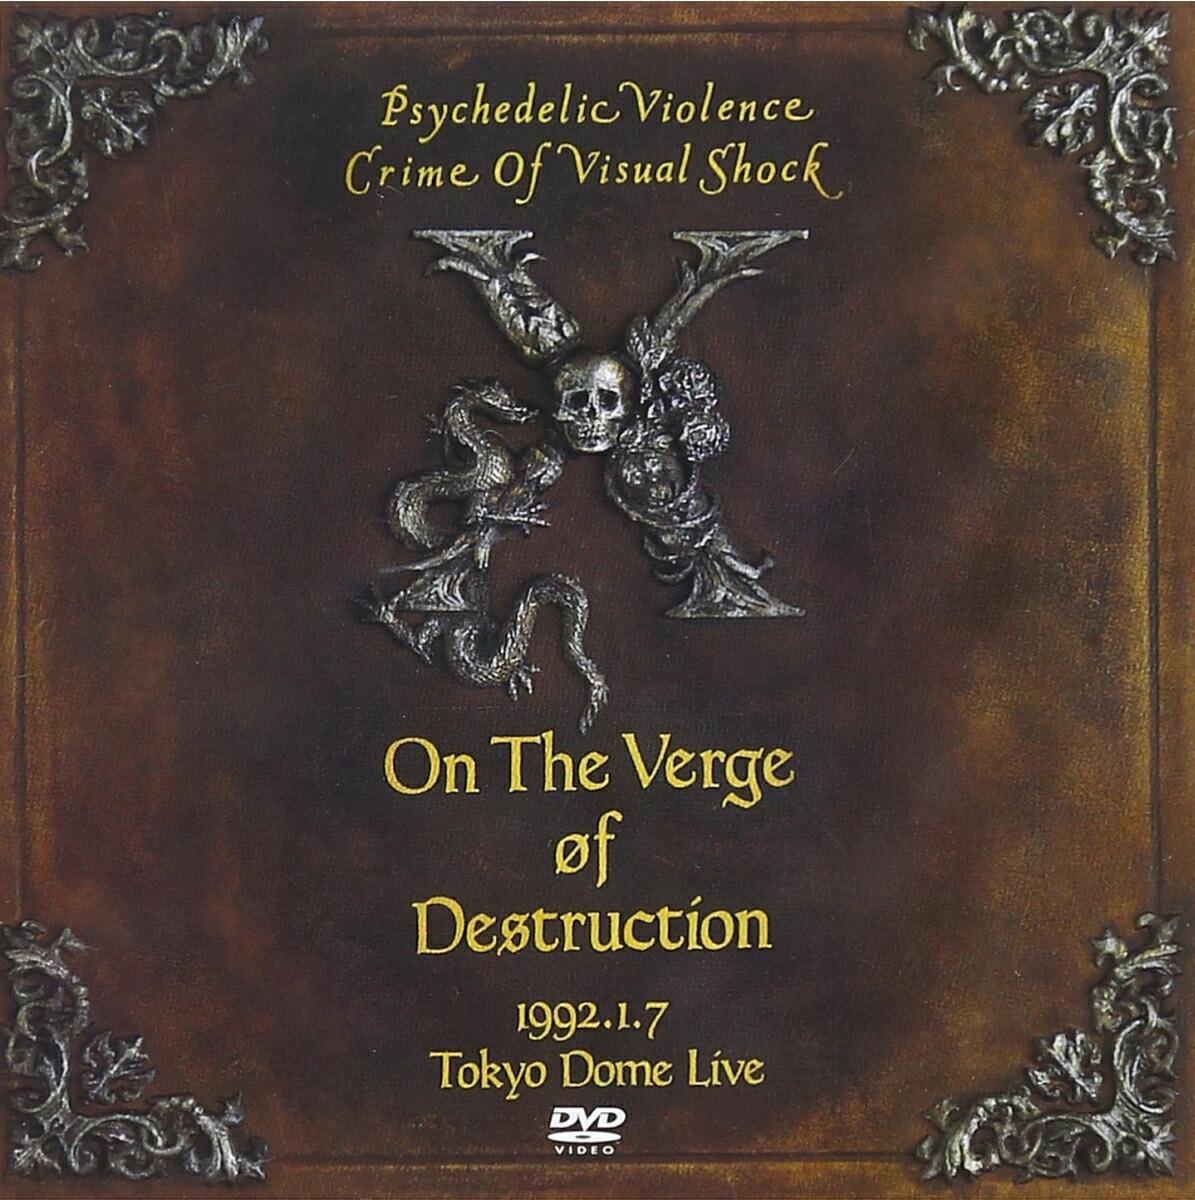 邦楽 VISUAL SHOCK Vol.4 破滅に向かって 1992.1.7 TOKYO DOME LIVE[KSB5-5739/40][DVD]